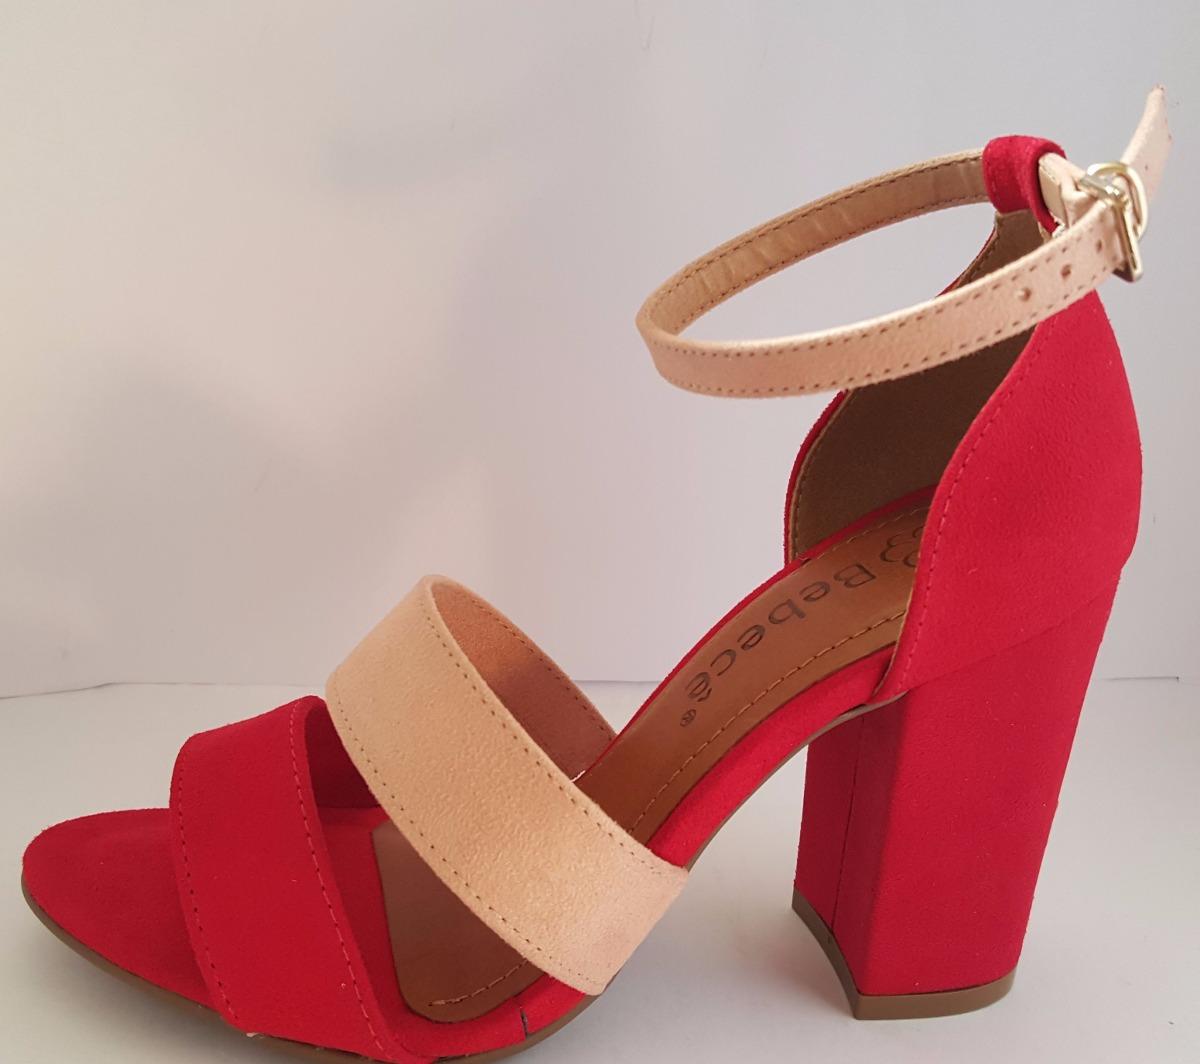 c8e989d3e3 sandalia feminina salto grosso bebece vermelha. Carregando zoom.